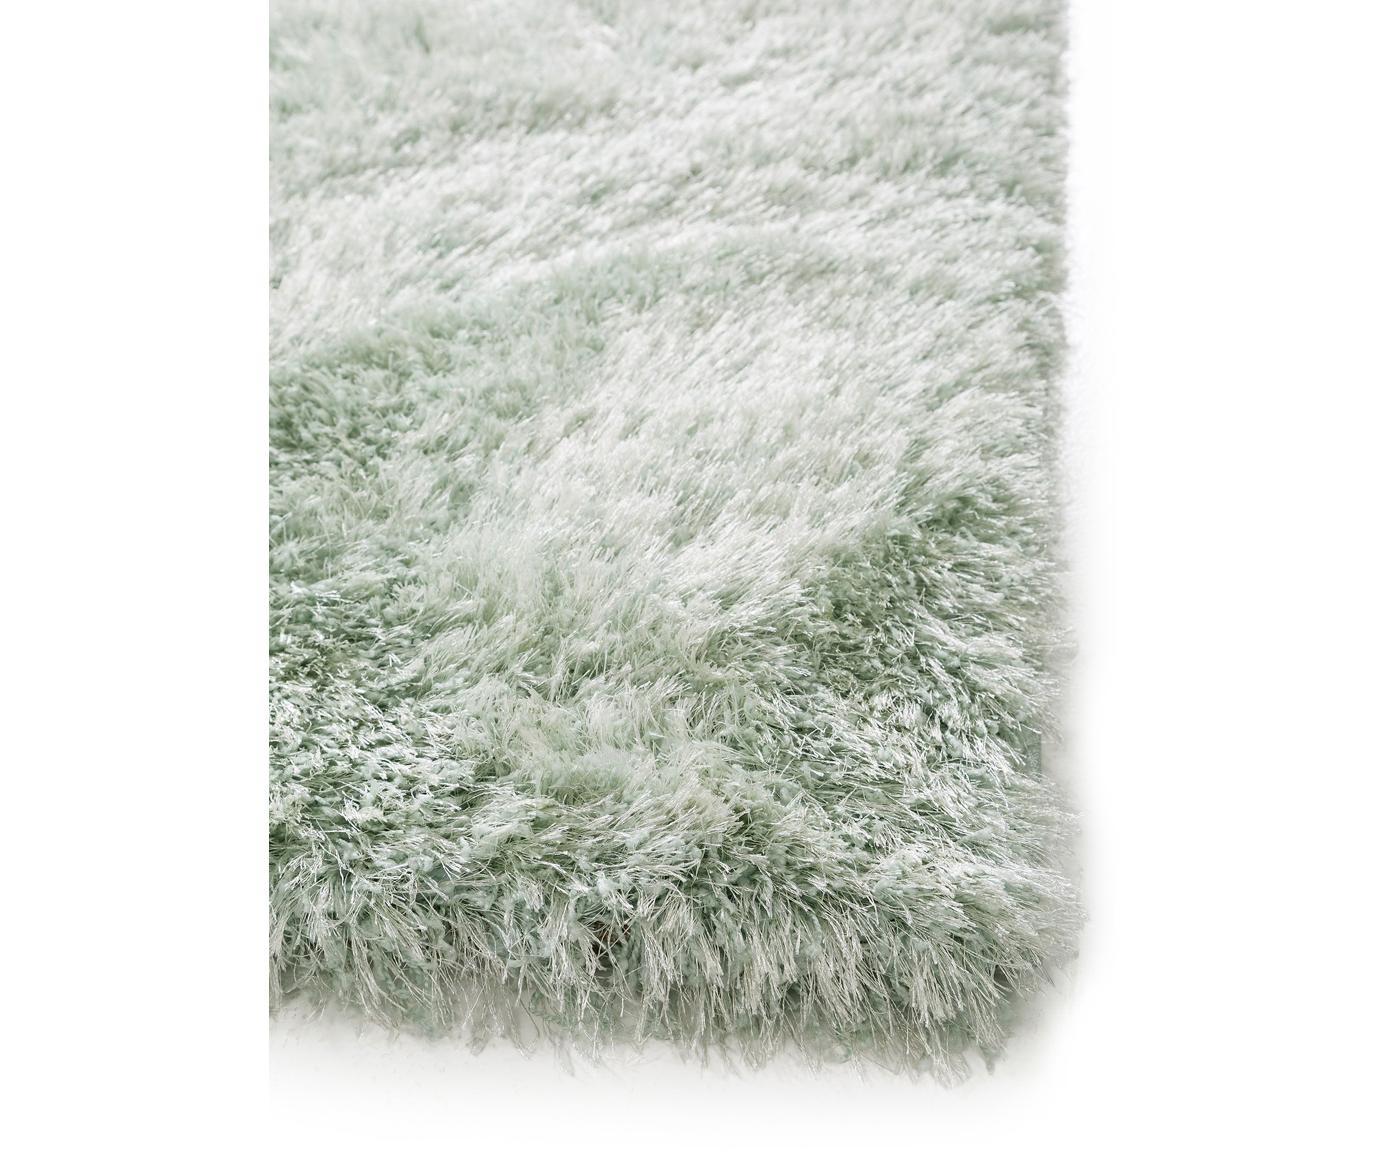 Glänzender Hochflor-Teppich Lea in Grün, 50% Polyester, 50% Polypropylen, Grün, B 300 x L 400 cm (Größe XL)